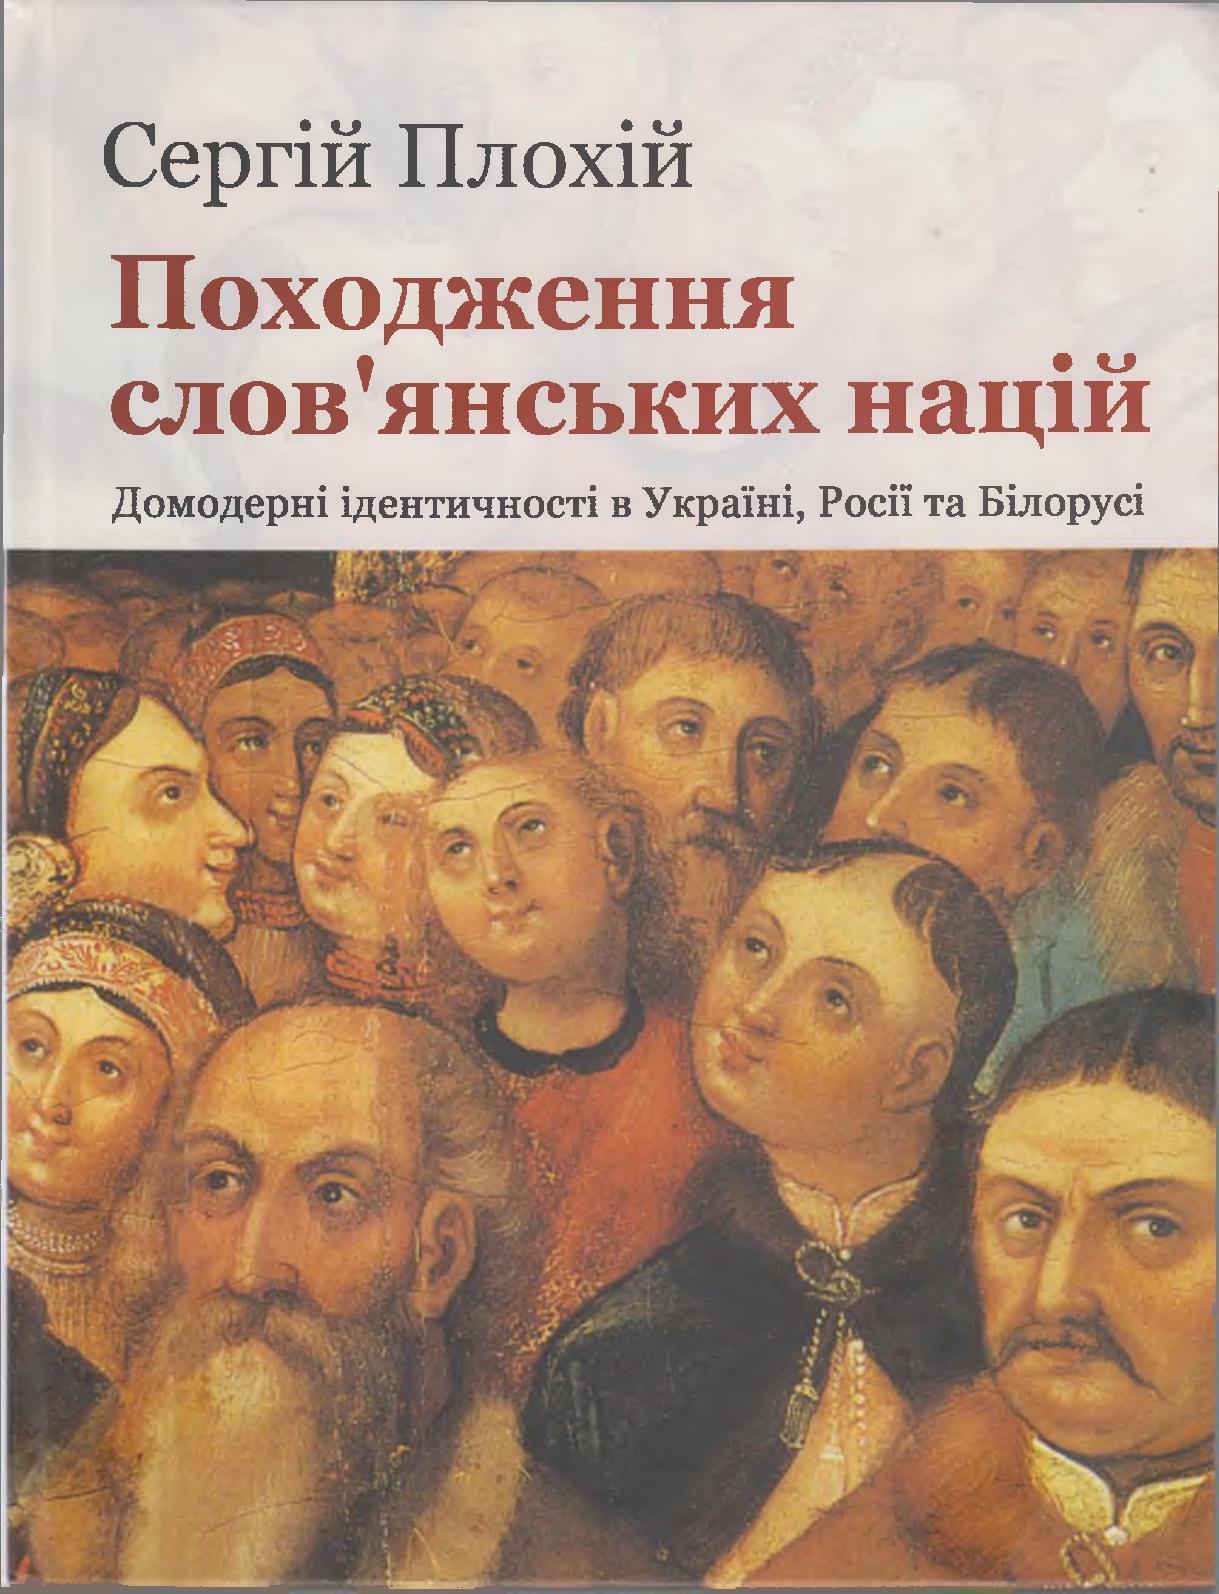 Calaméo - Плохій С. Походження слов янських націй. Домодерні ідентичності в  Україні 195d41e88d849